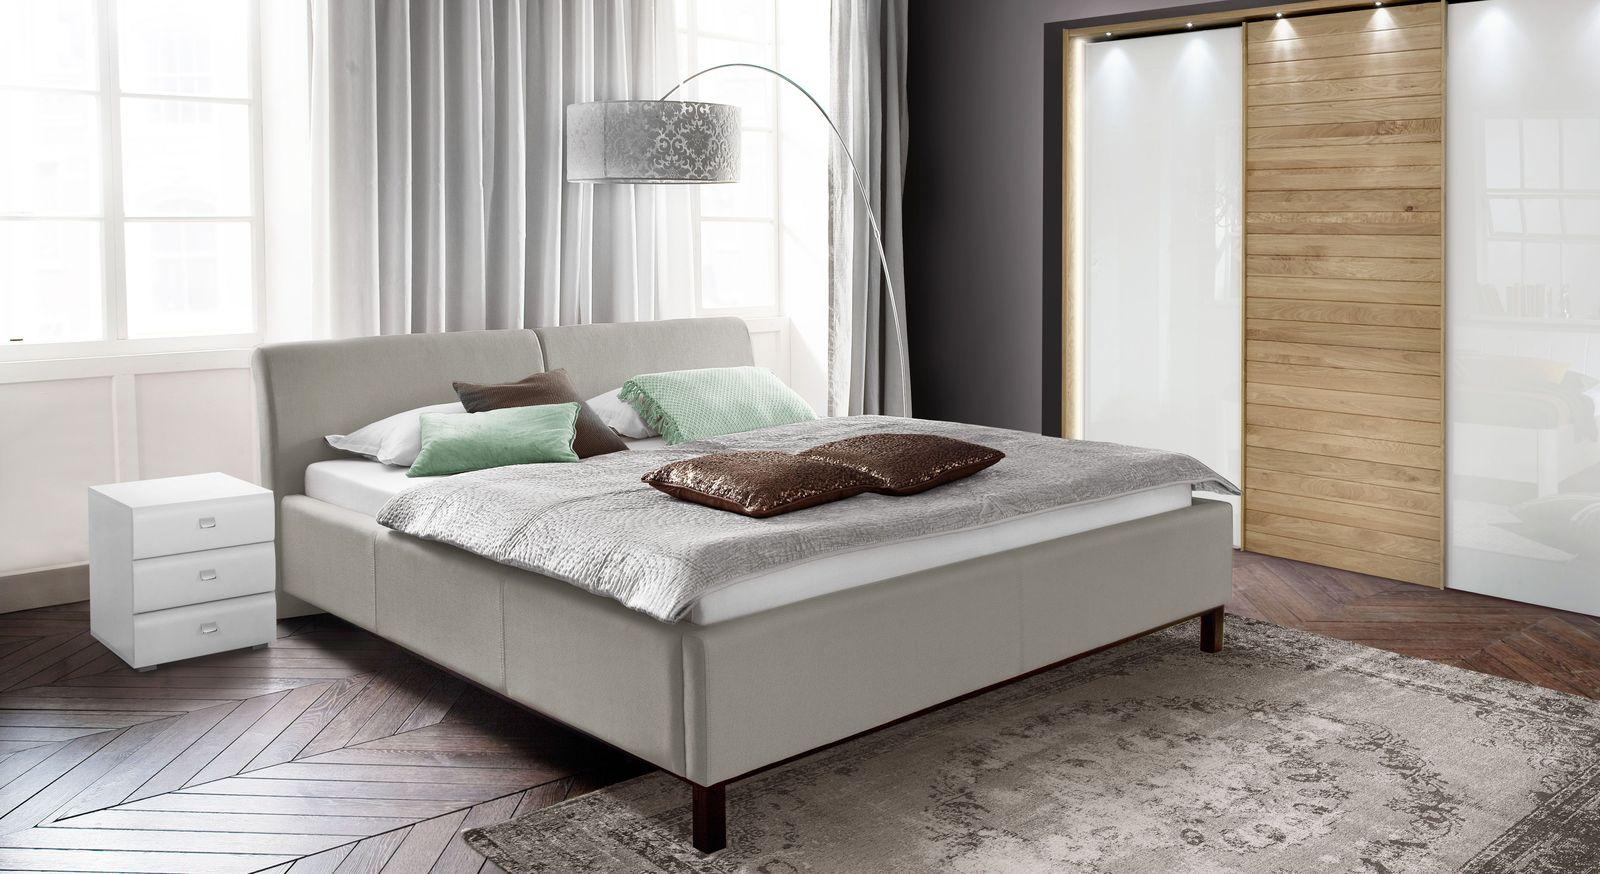 Bett Sulivan mit passender Schlafzimmer-Einrichtung